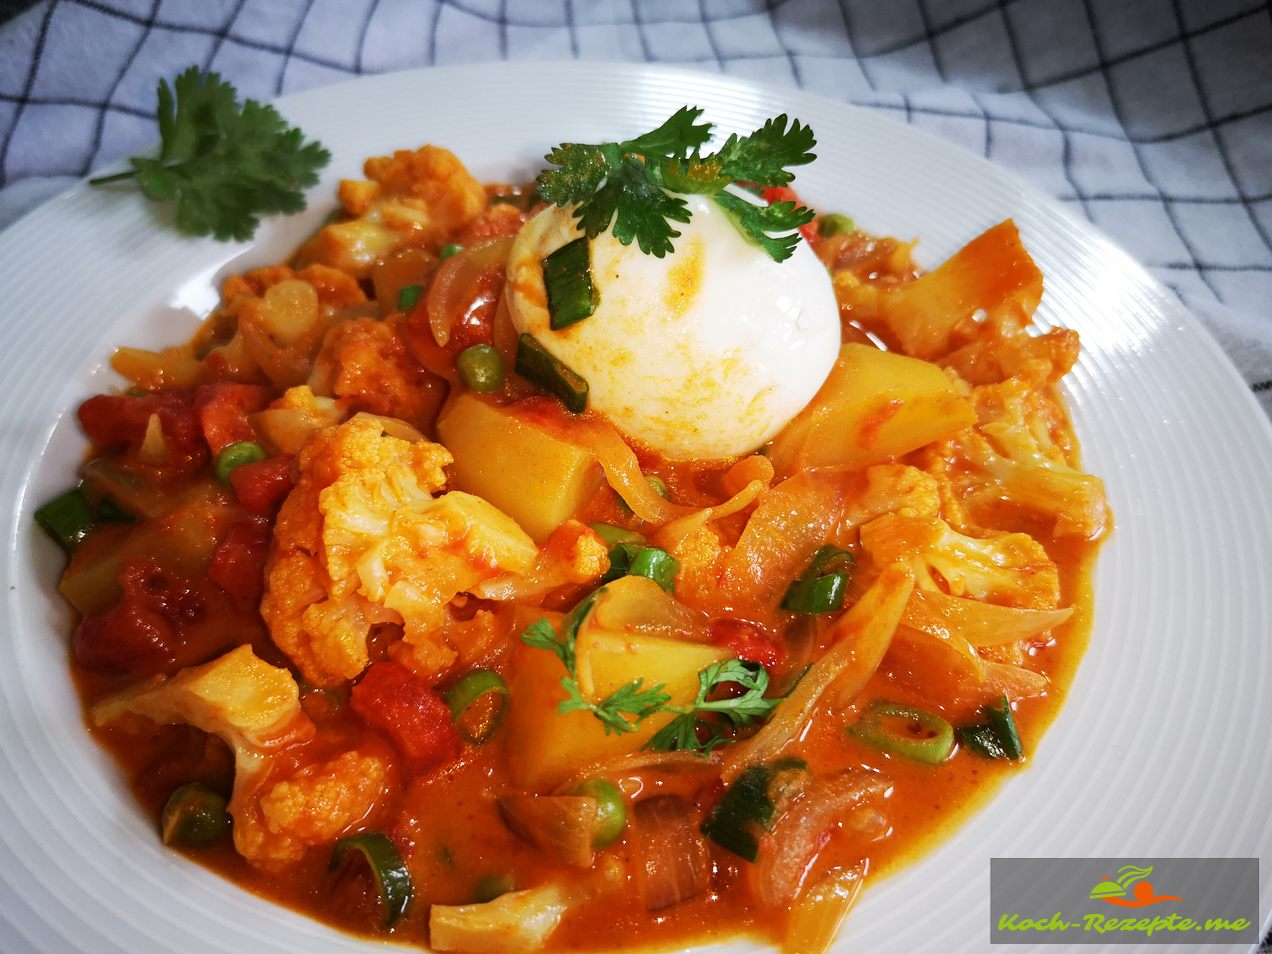 fertig angerichtet in einer Schüssel Blumenkohl,Kartoffel,Curry